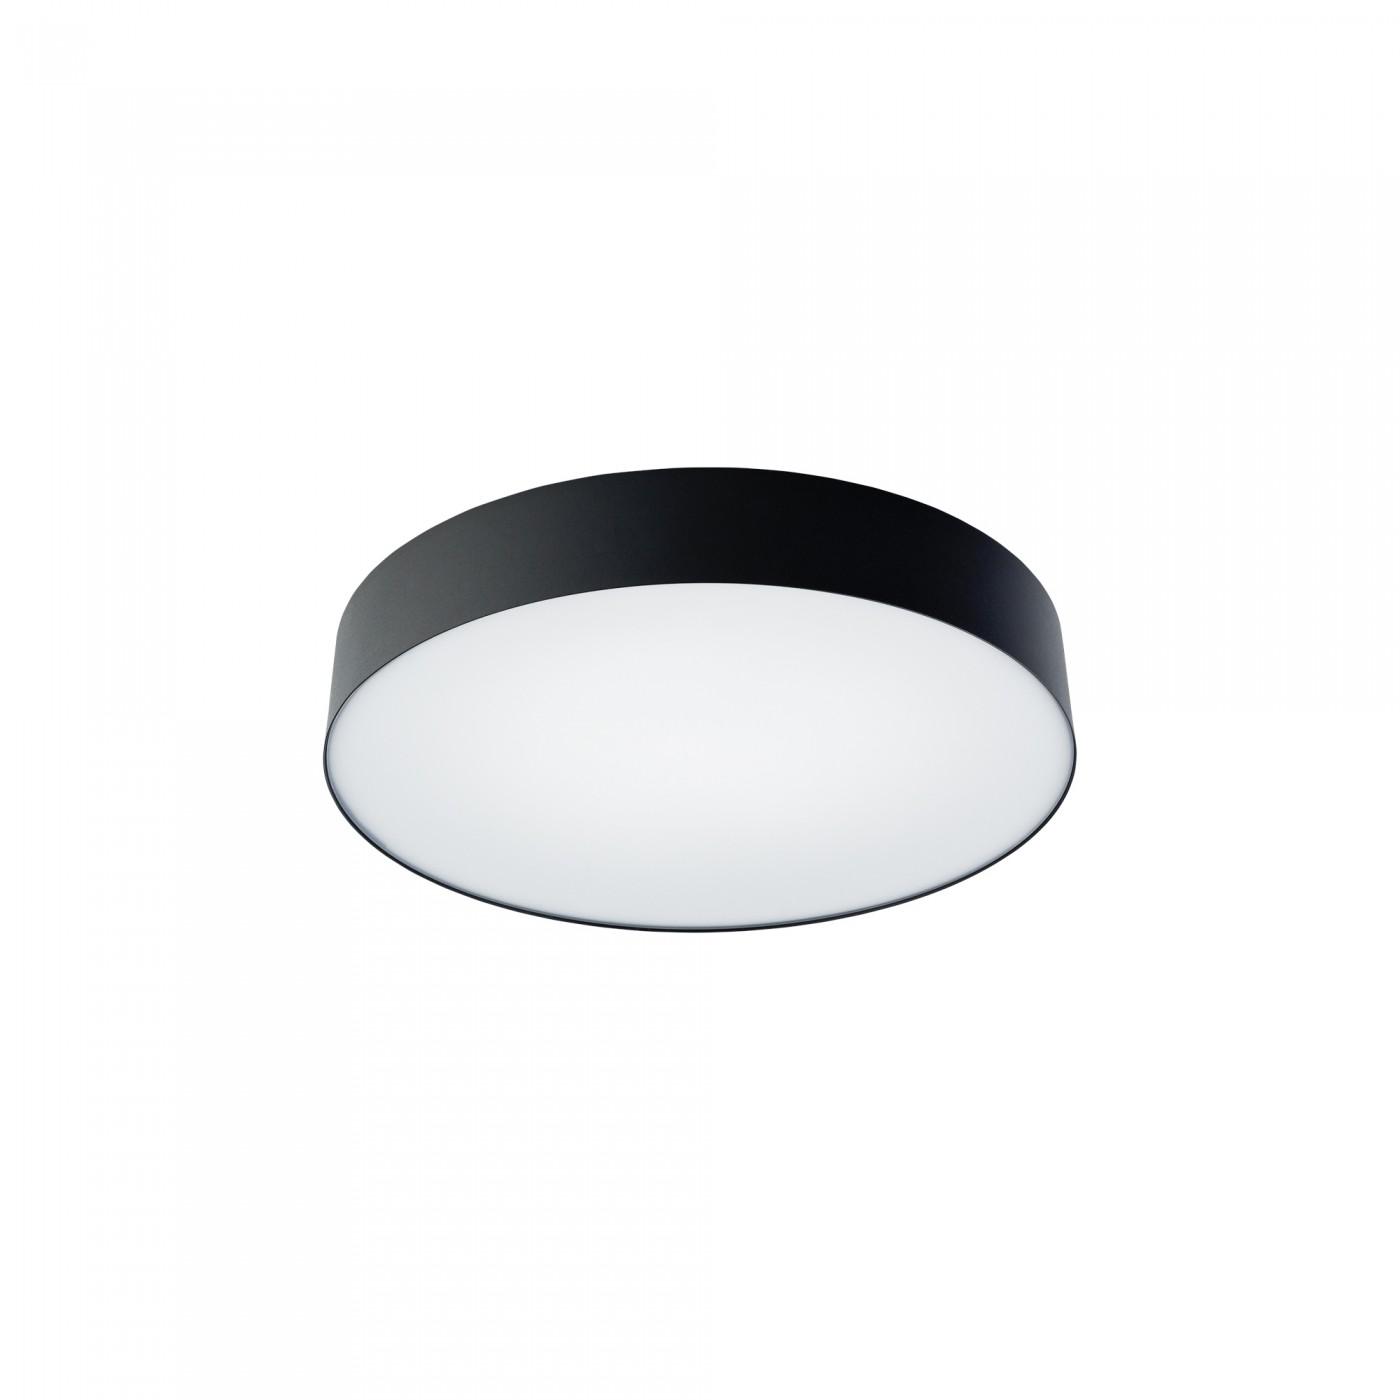 ARENA SENSOR black 7953 Nowodvorski Lighting